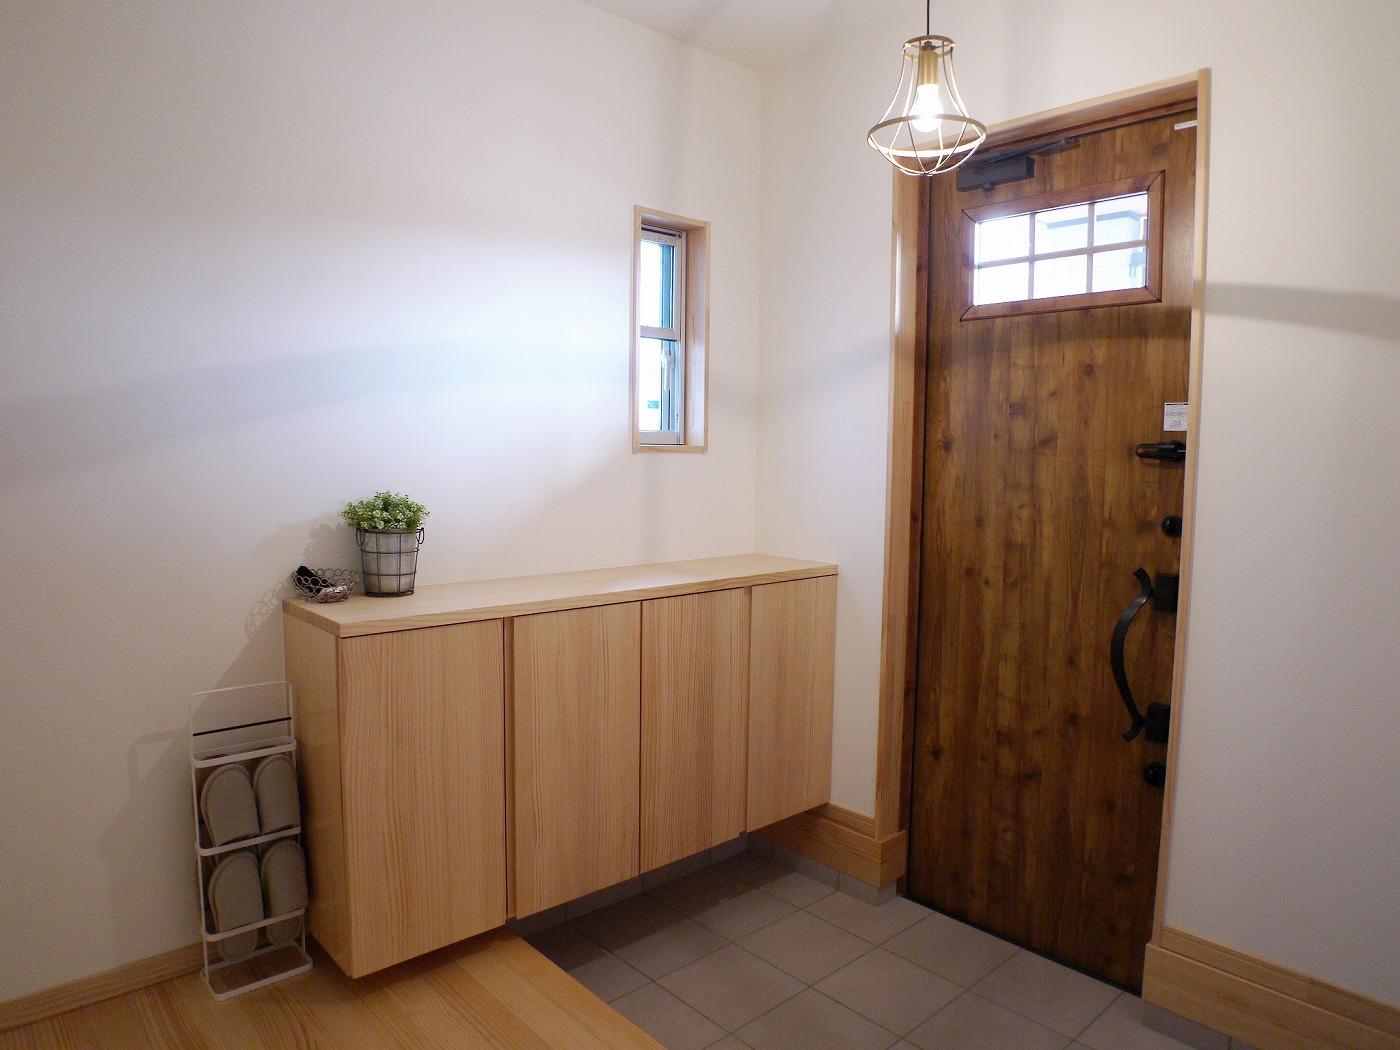 高松市の新築注文住宅の玄関